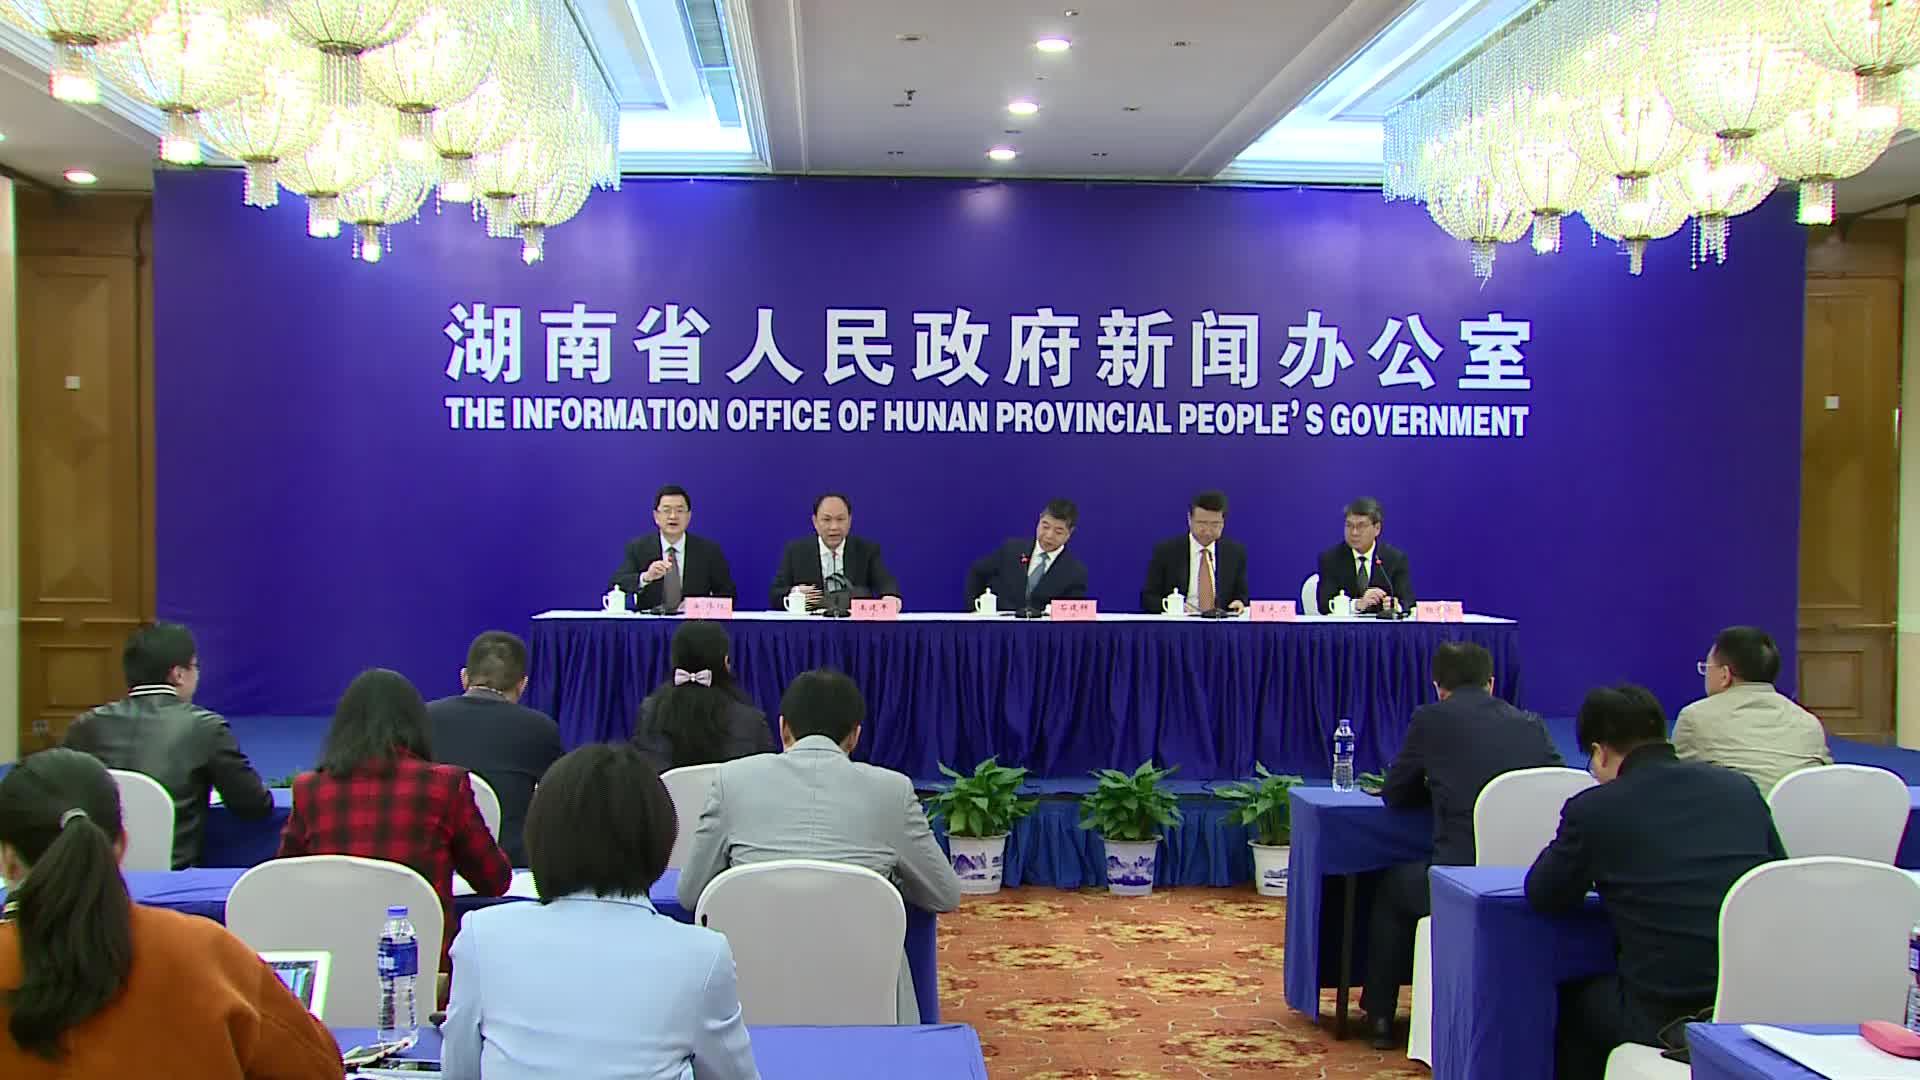 【全程回放】湖南省贯彻实施中央更大规模减税降费政策新闻发布会